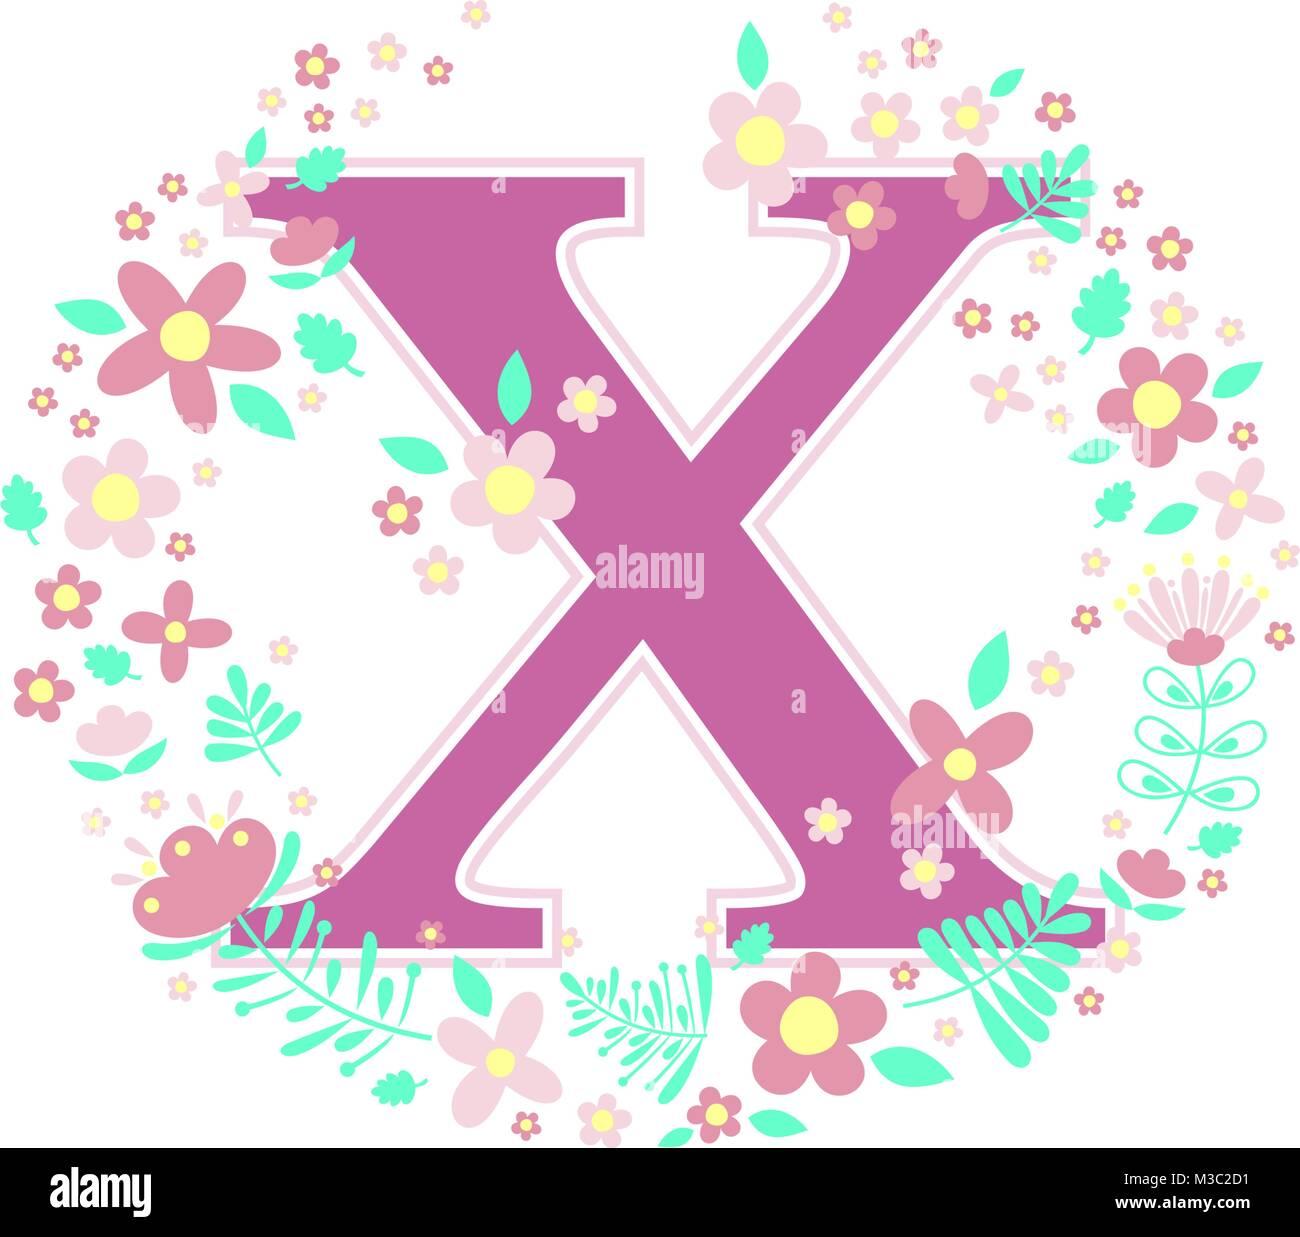 Letter X Vectors Stock Photos & Letter X Vectors Stock Images - Alamy